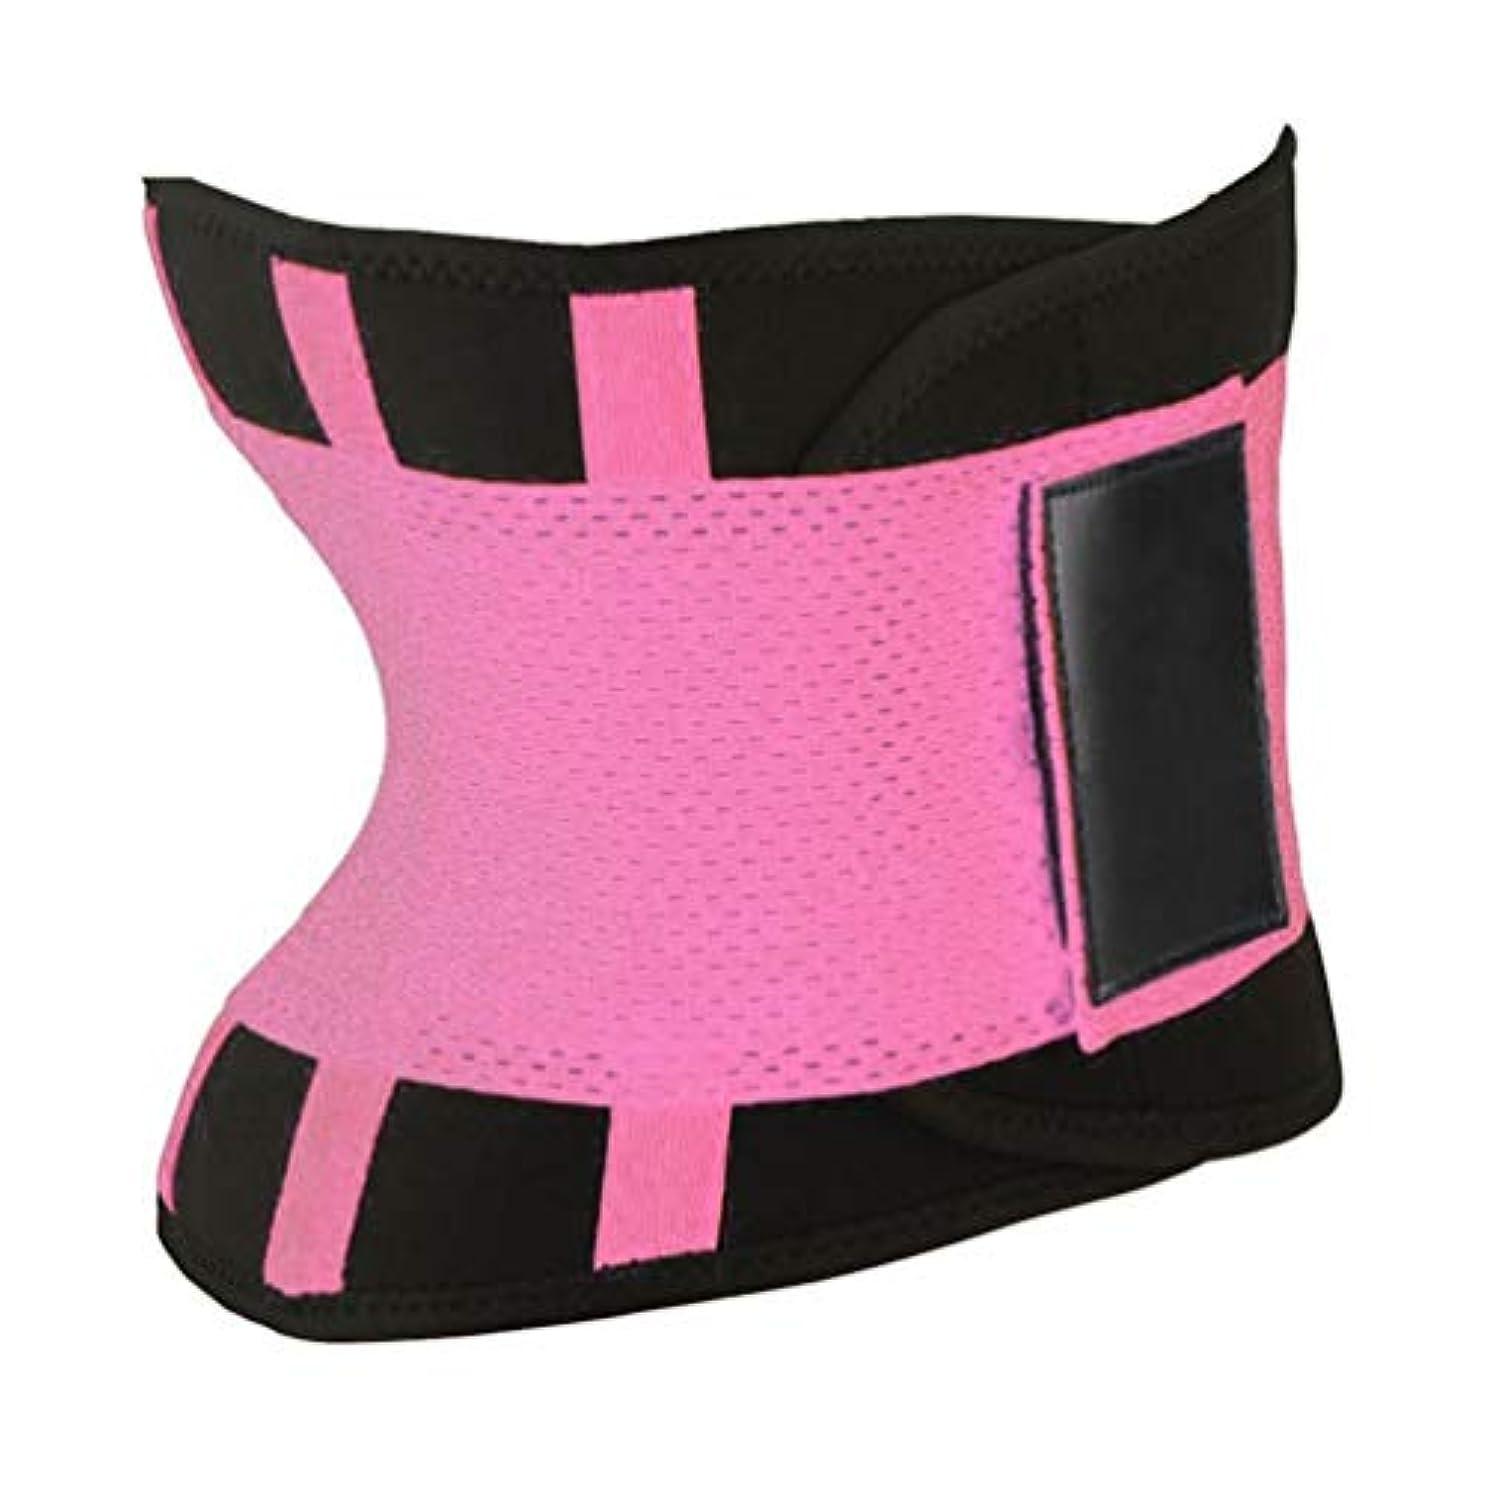 ローマ人寛容つば快適な女性ボディシェイパー痩身シェイパーベルトスポーツ女性ウエストトレーナーニッパー制御バーニングボディおなかベルト - ピンク2xl